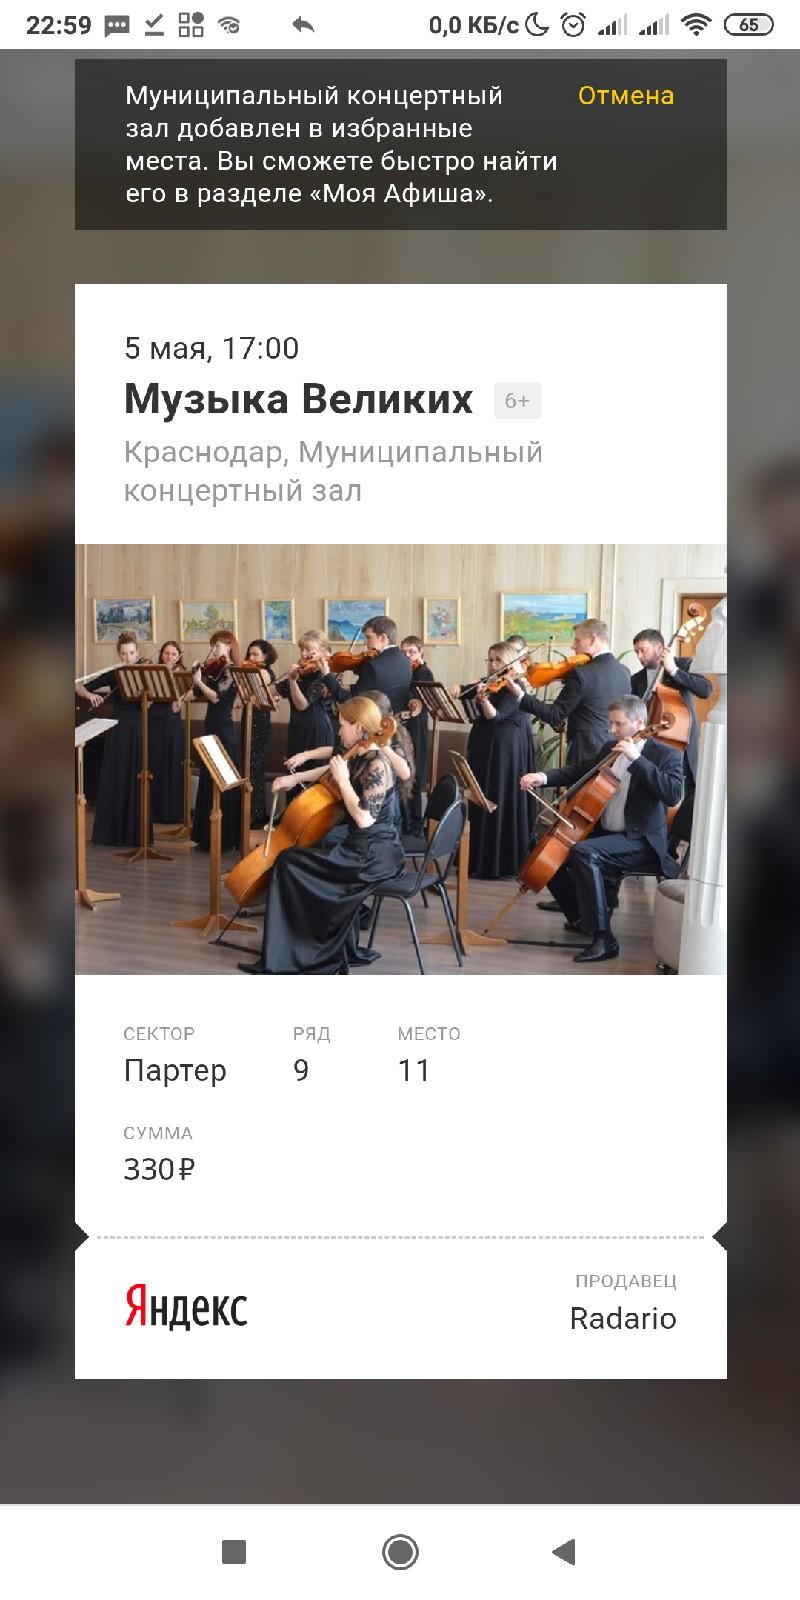 Поход на концерт классической музыки 1